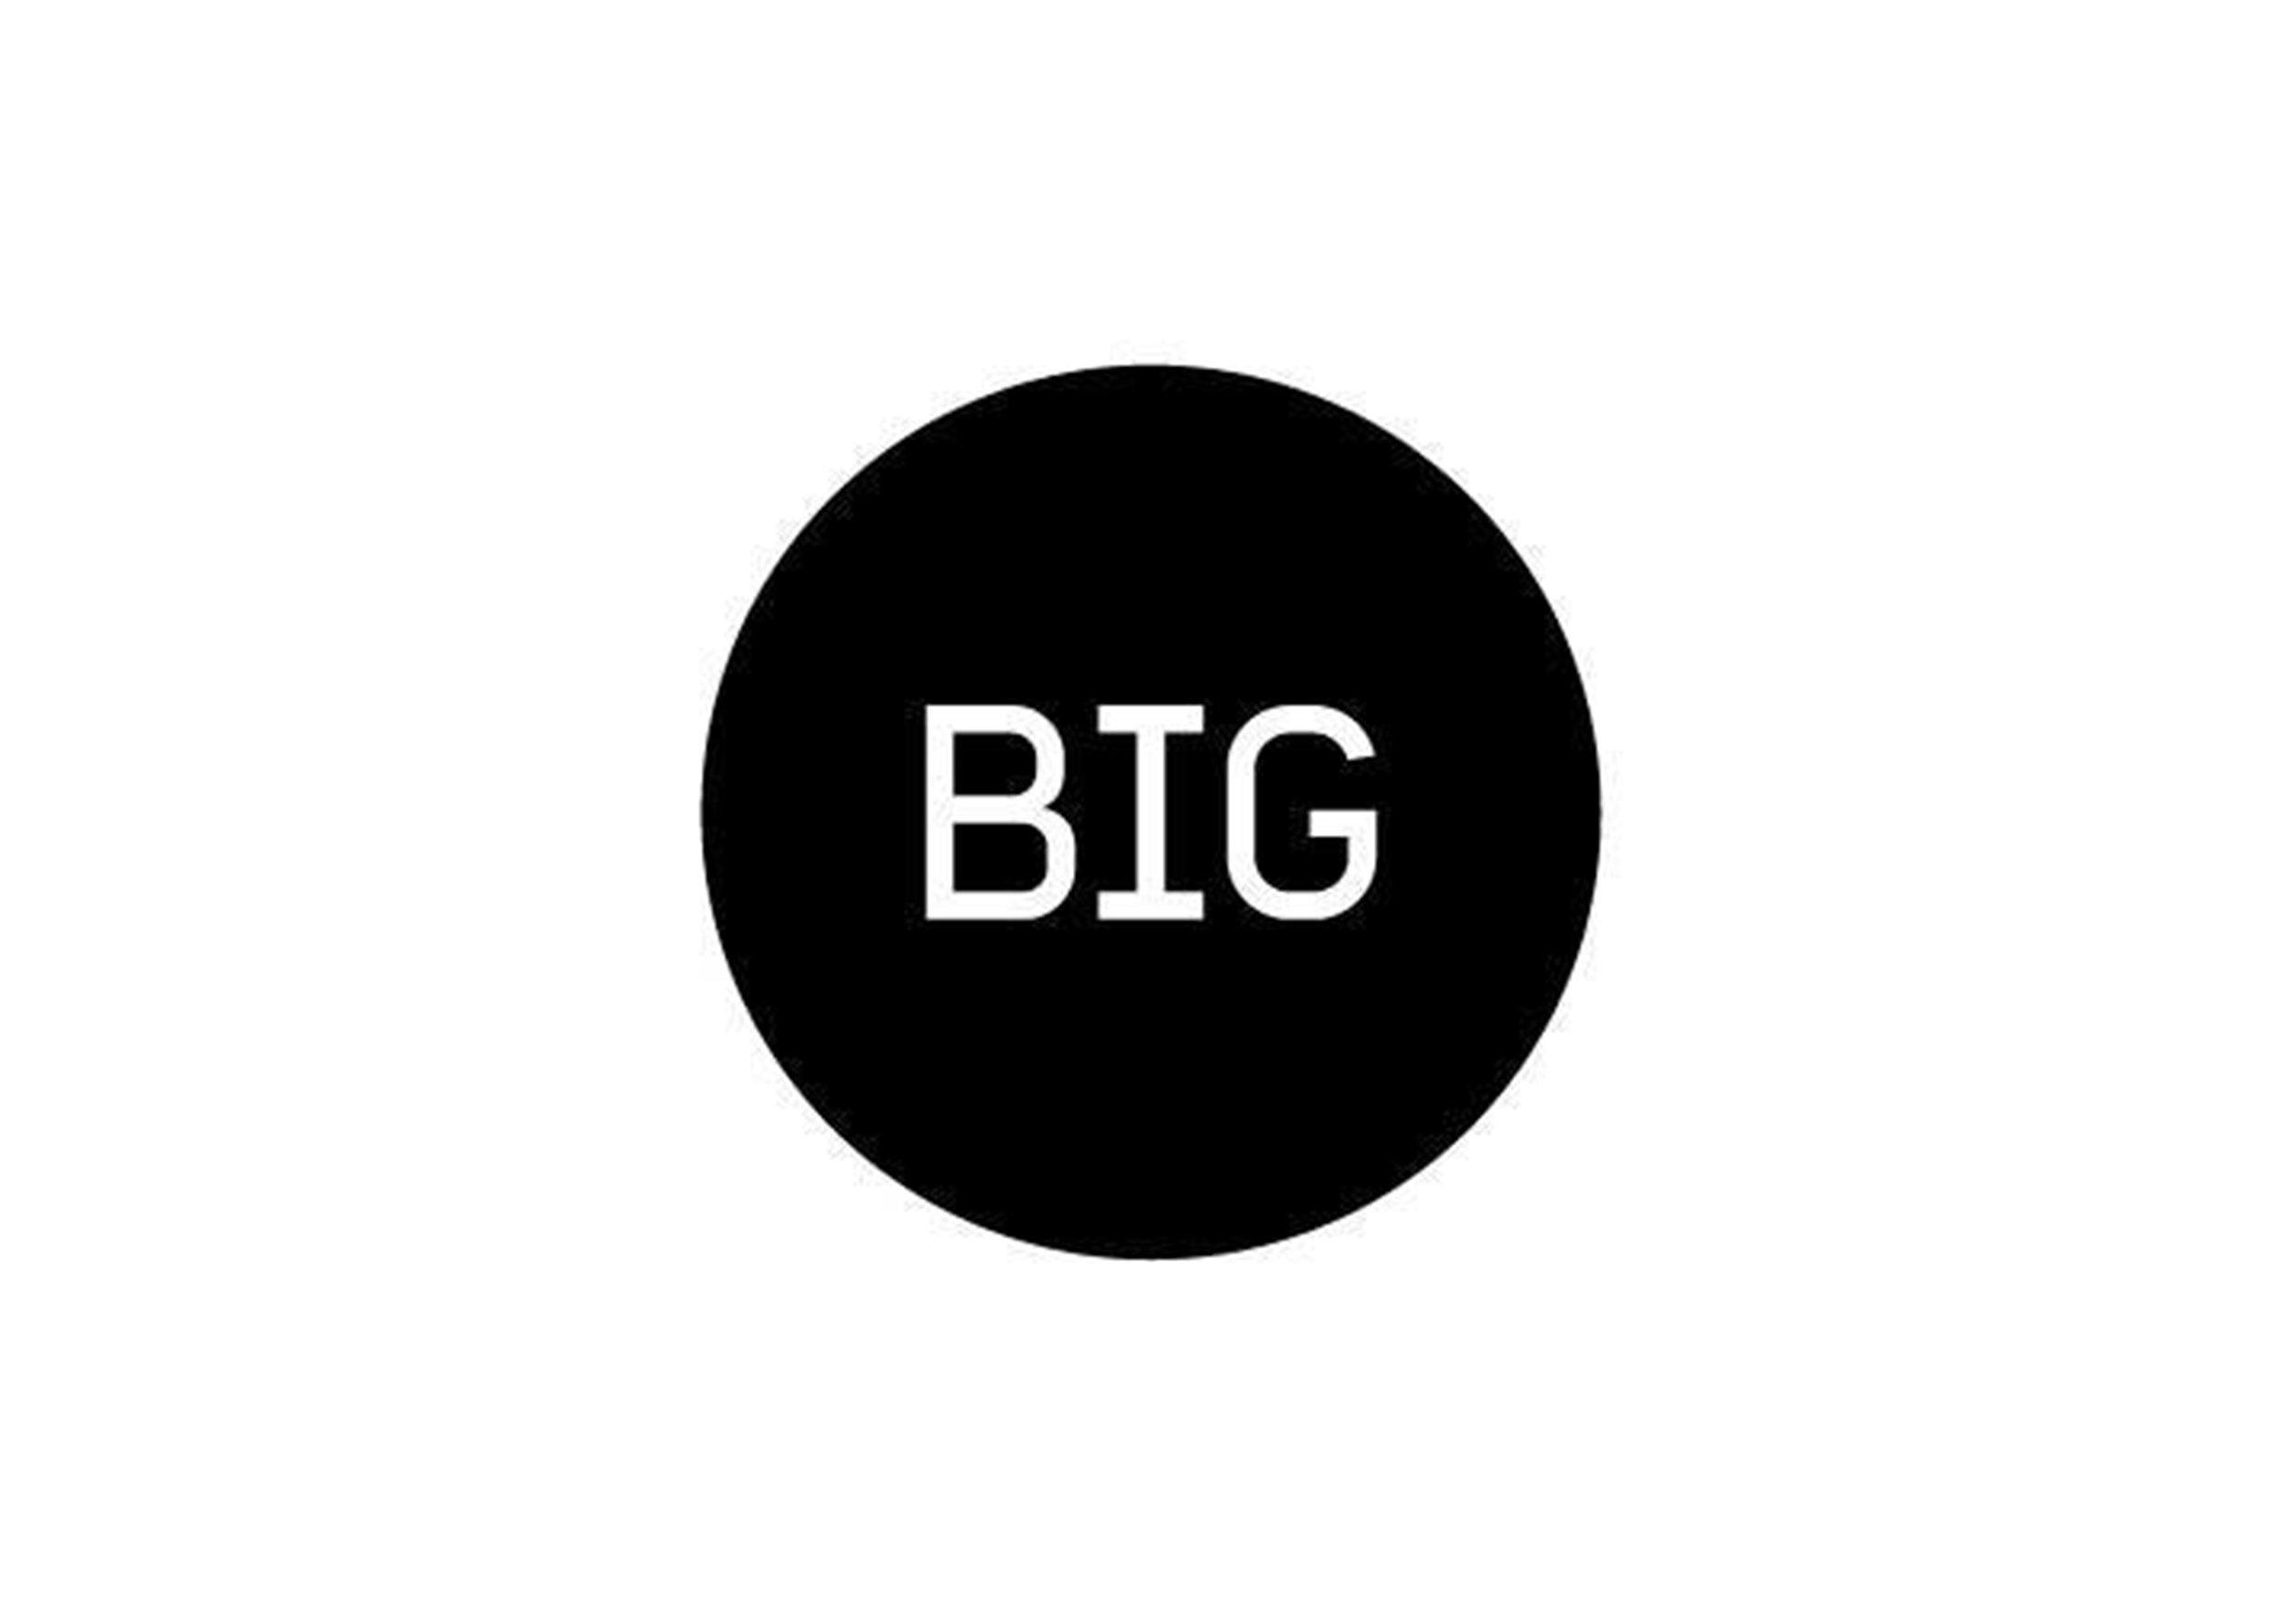 Big see interior award 2018 by BIG